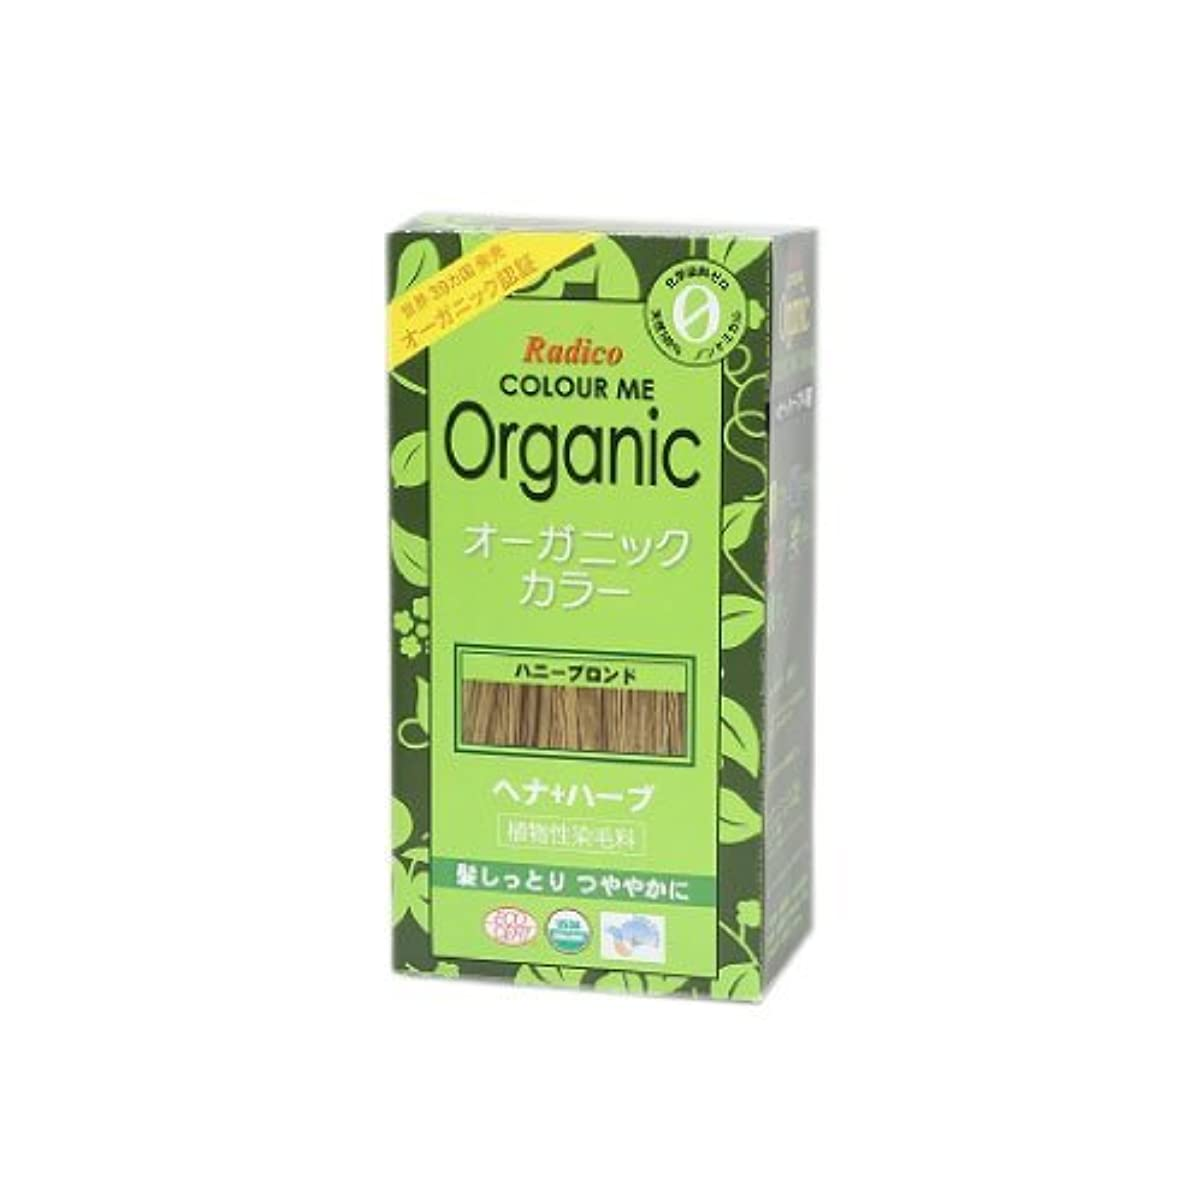 業界ベル広告COLOURME Organic (カラーミーオーガニック ヘナ 白髪用) ハニーブロンド 100g